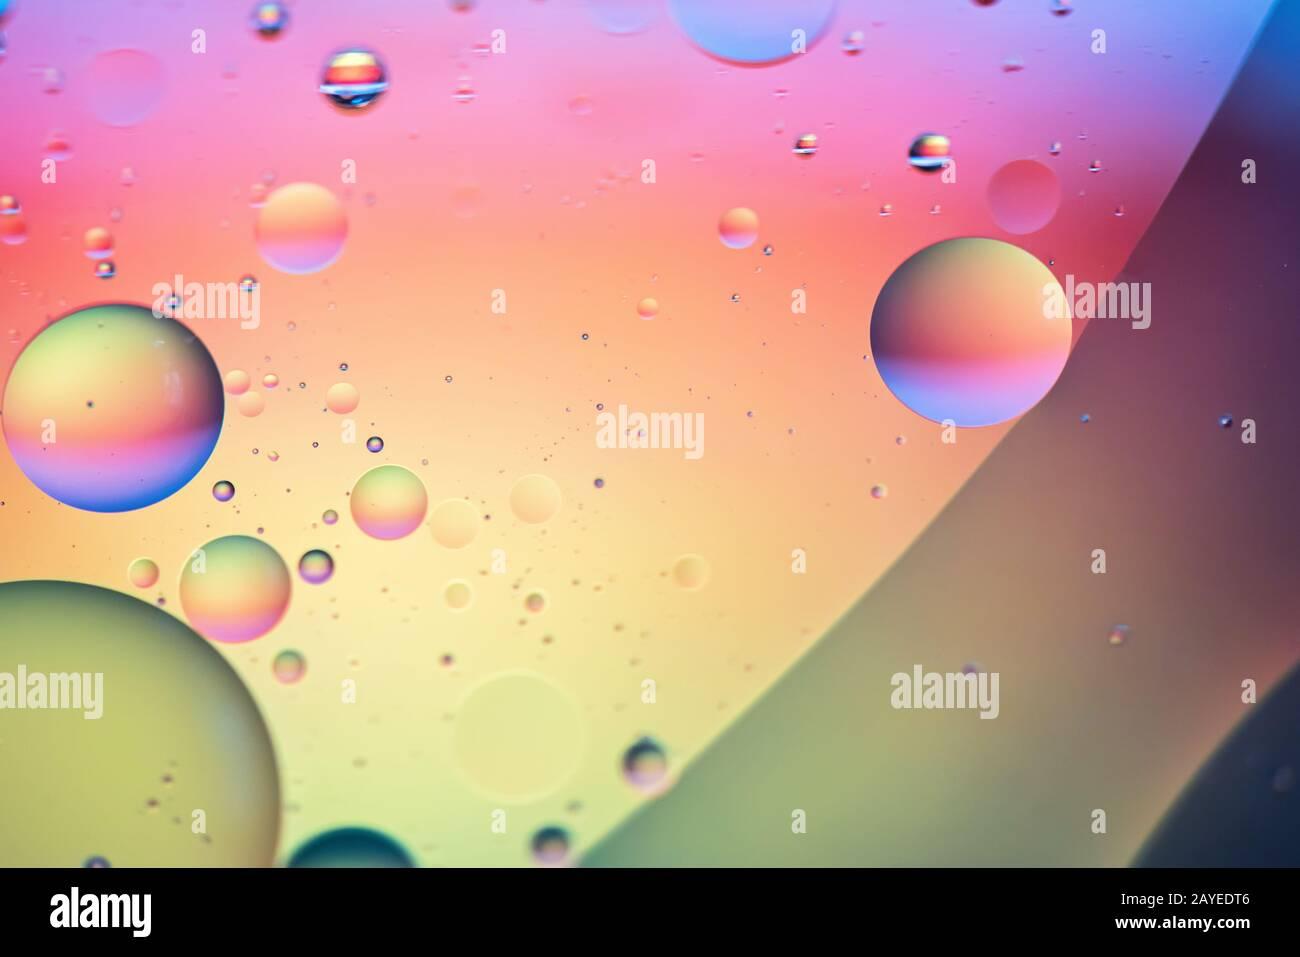 El aceite cae en el agua. Resumen desenfocado imagen psicodélica patrón color arco iris. Resumen backgroun Foto de stock